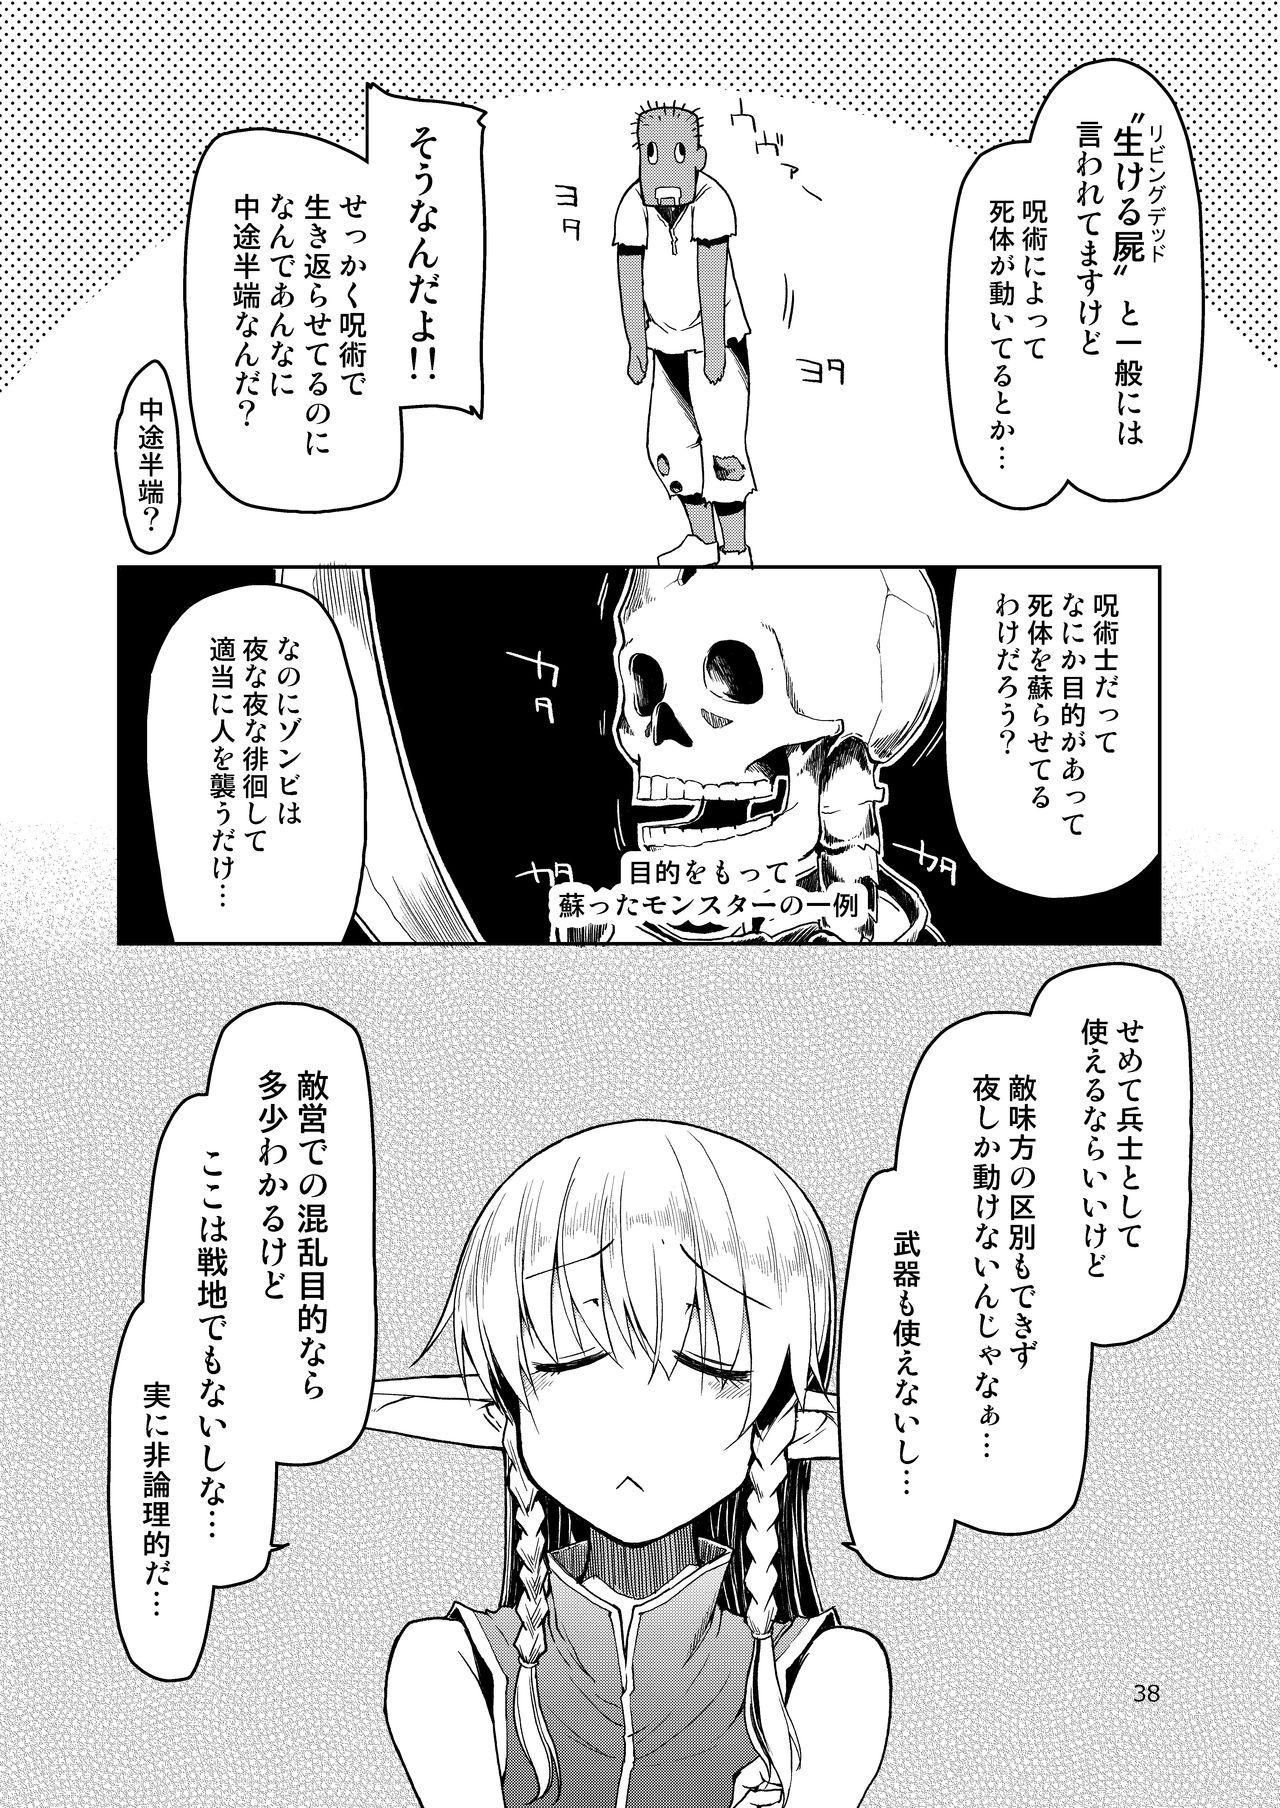 Dosukebe Elf no Ishukan Nikki Matome 2 38